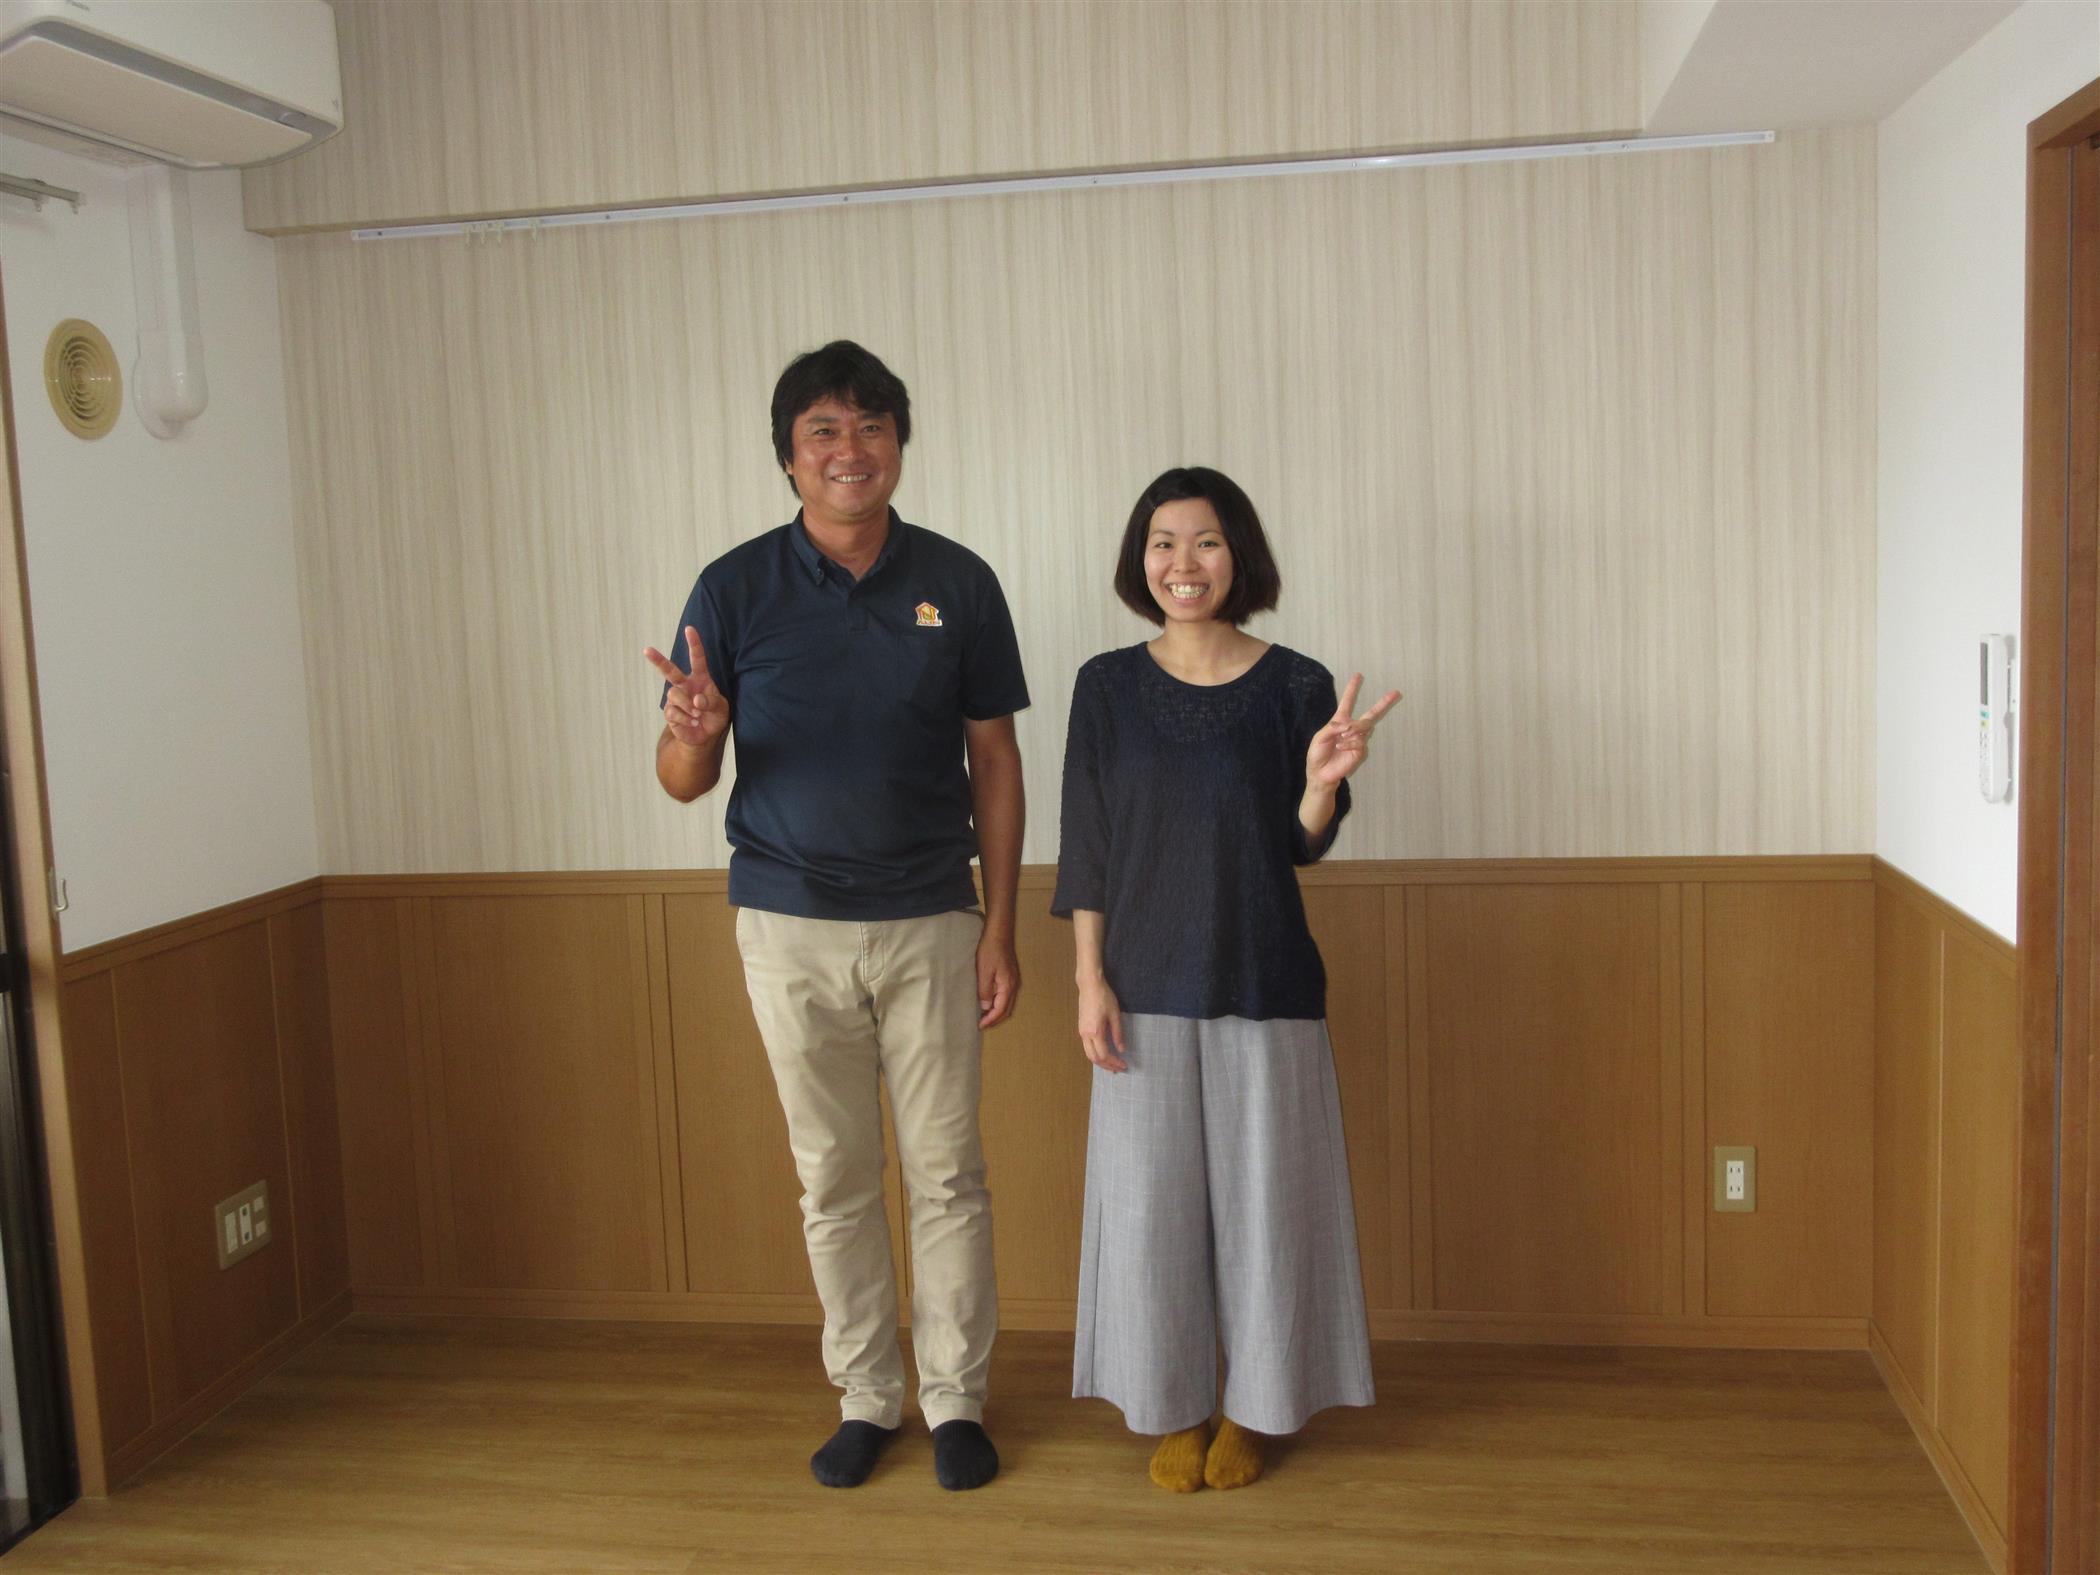 沖縄・那覇のリフォーム 実際のお客様の写真:マンションリフォーム